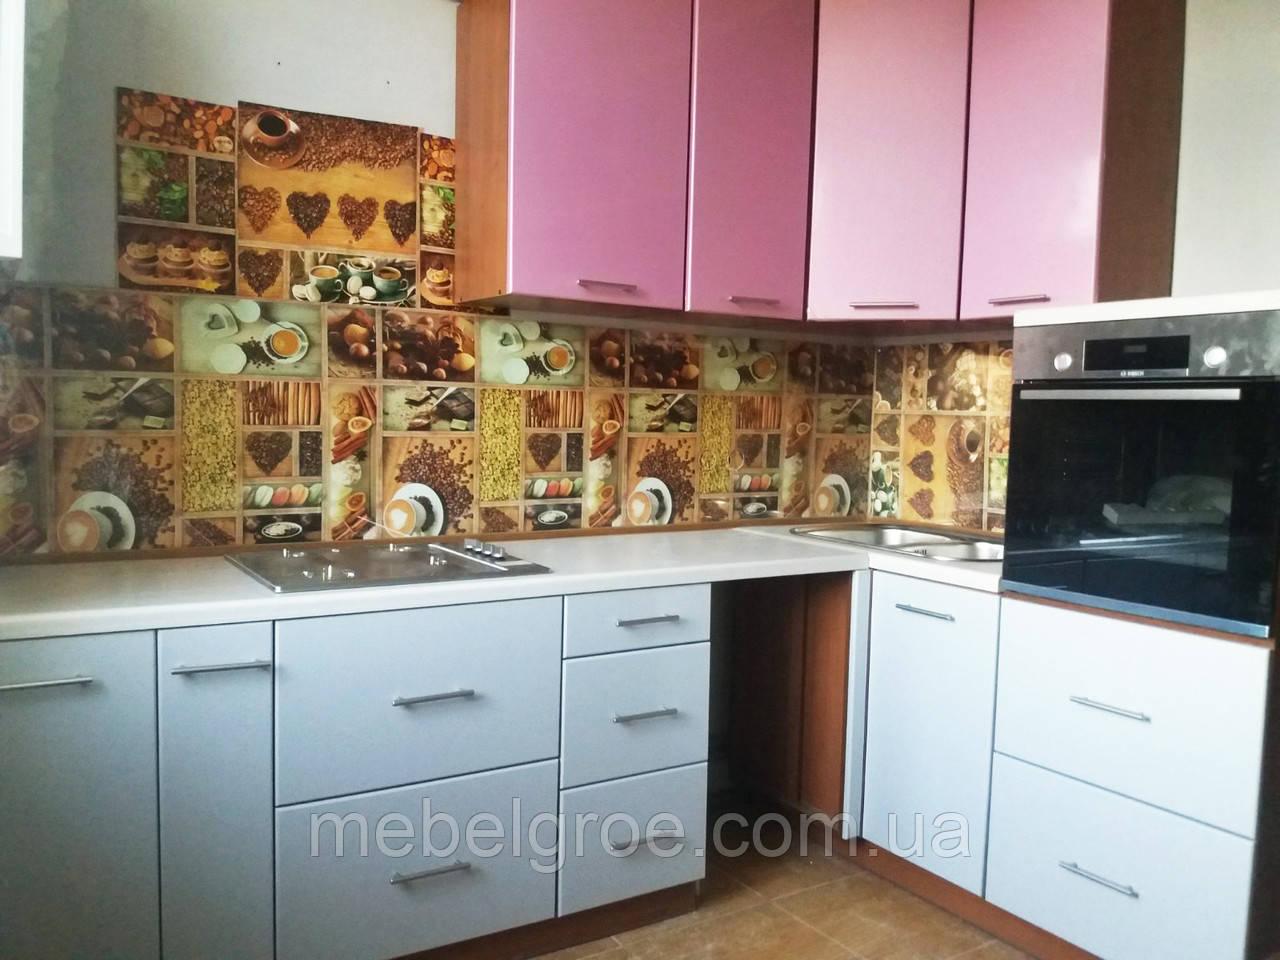 Кухня угловая Альфа длина 2.8мх1,6м